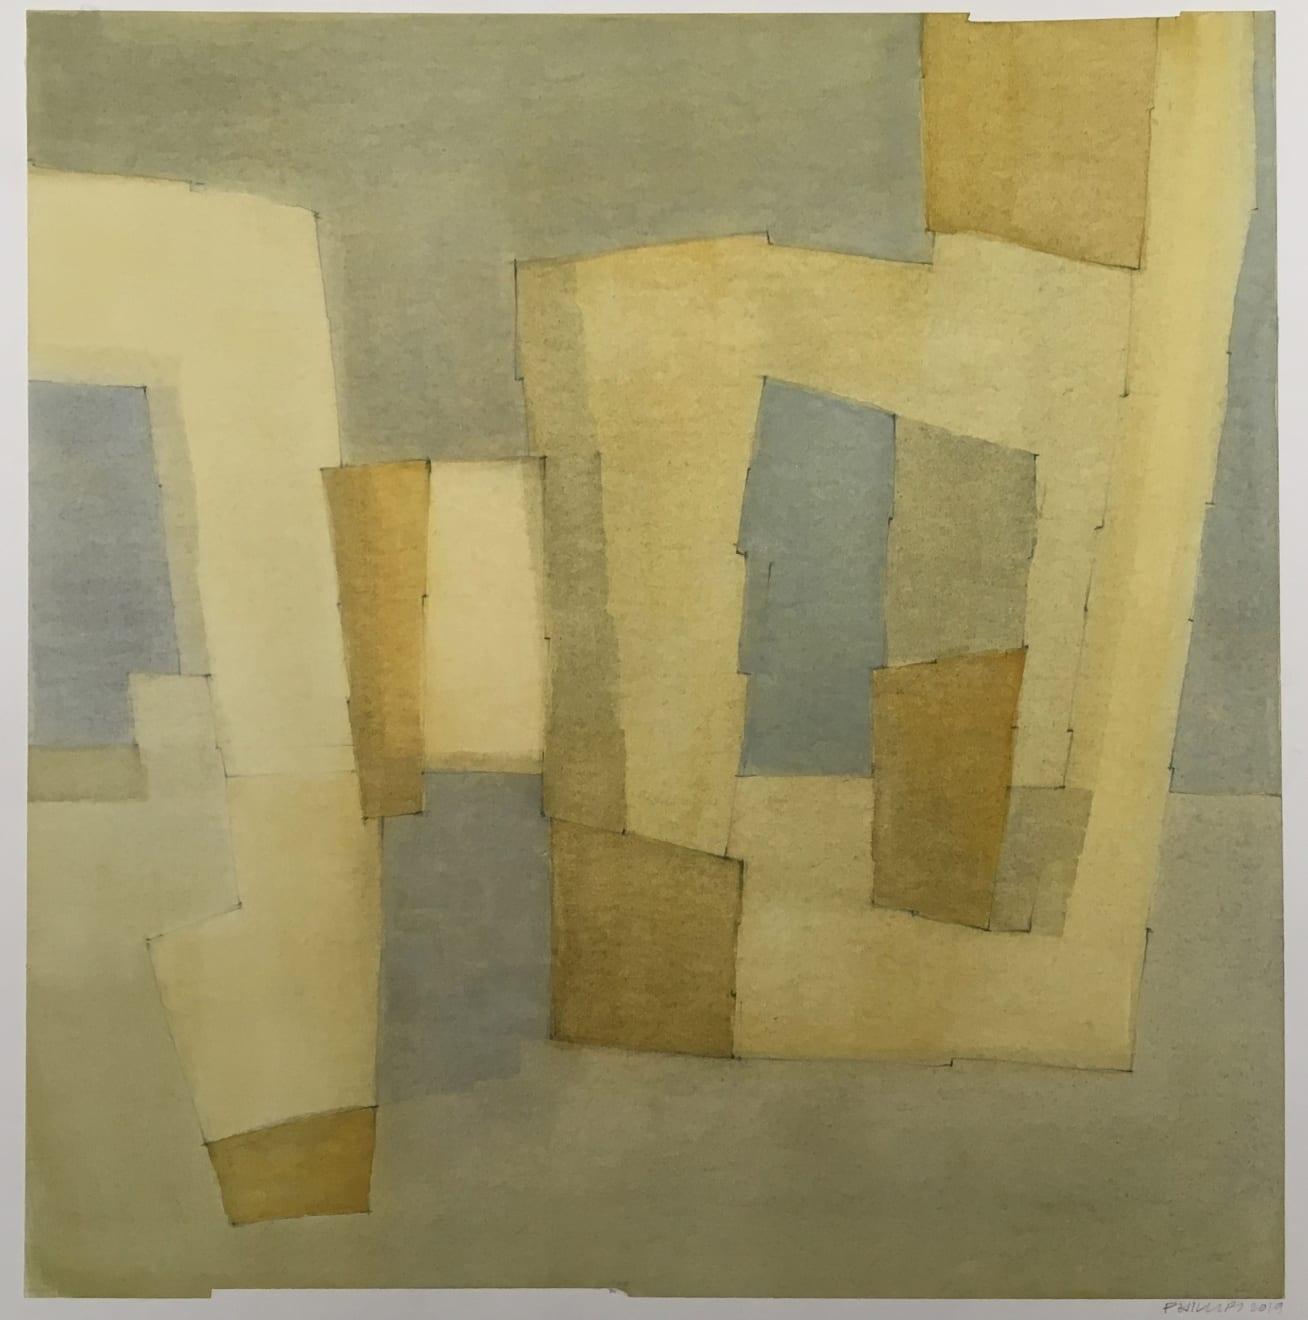 Summer Auction 2020, LOT 119 - Tooney Phillips - 'Hugot 2', 2019